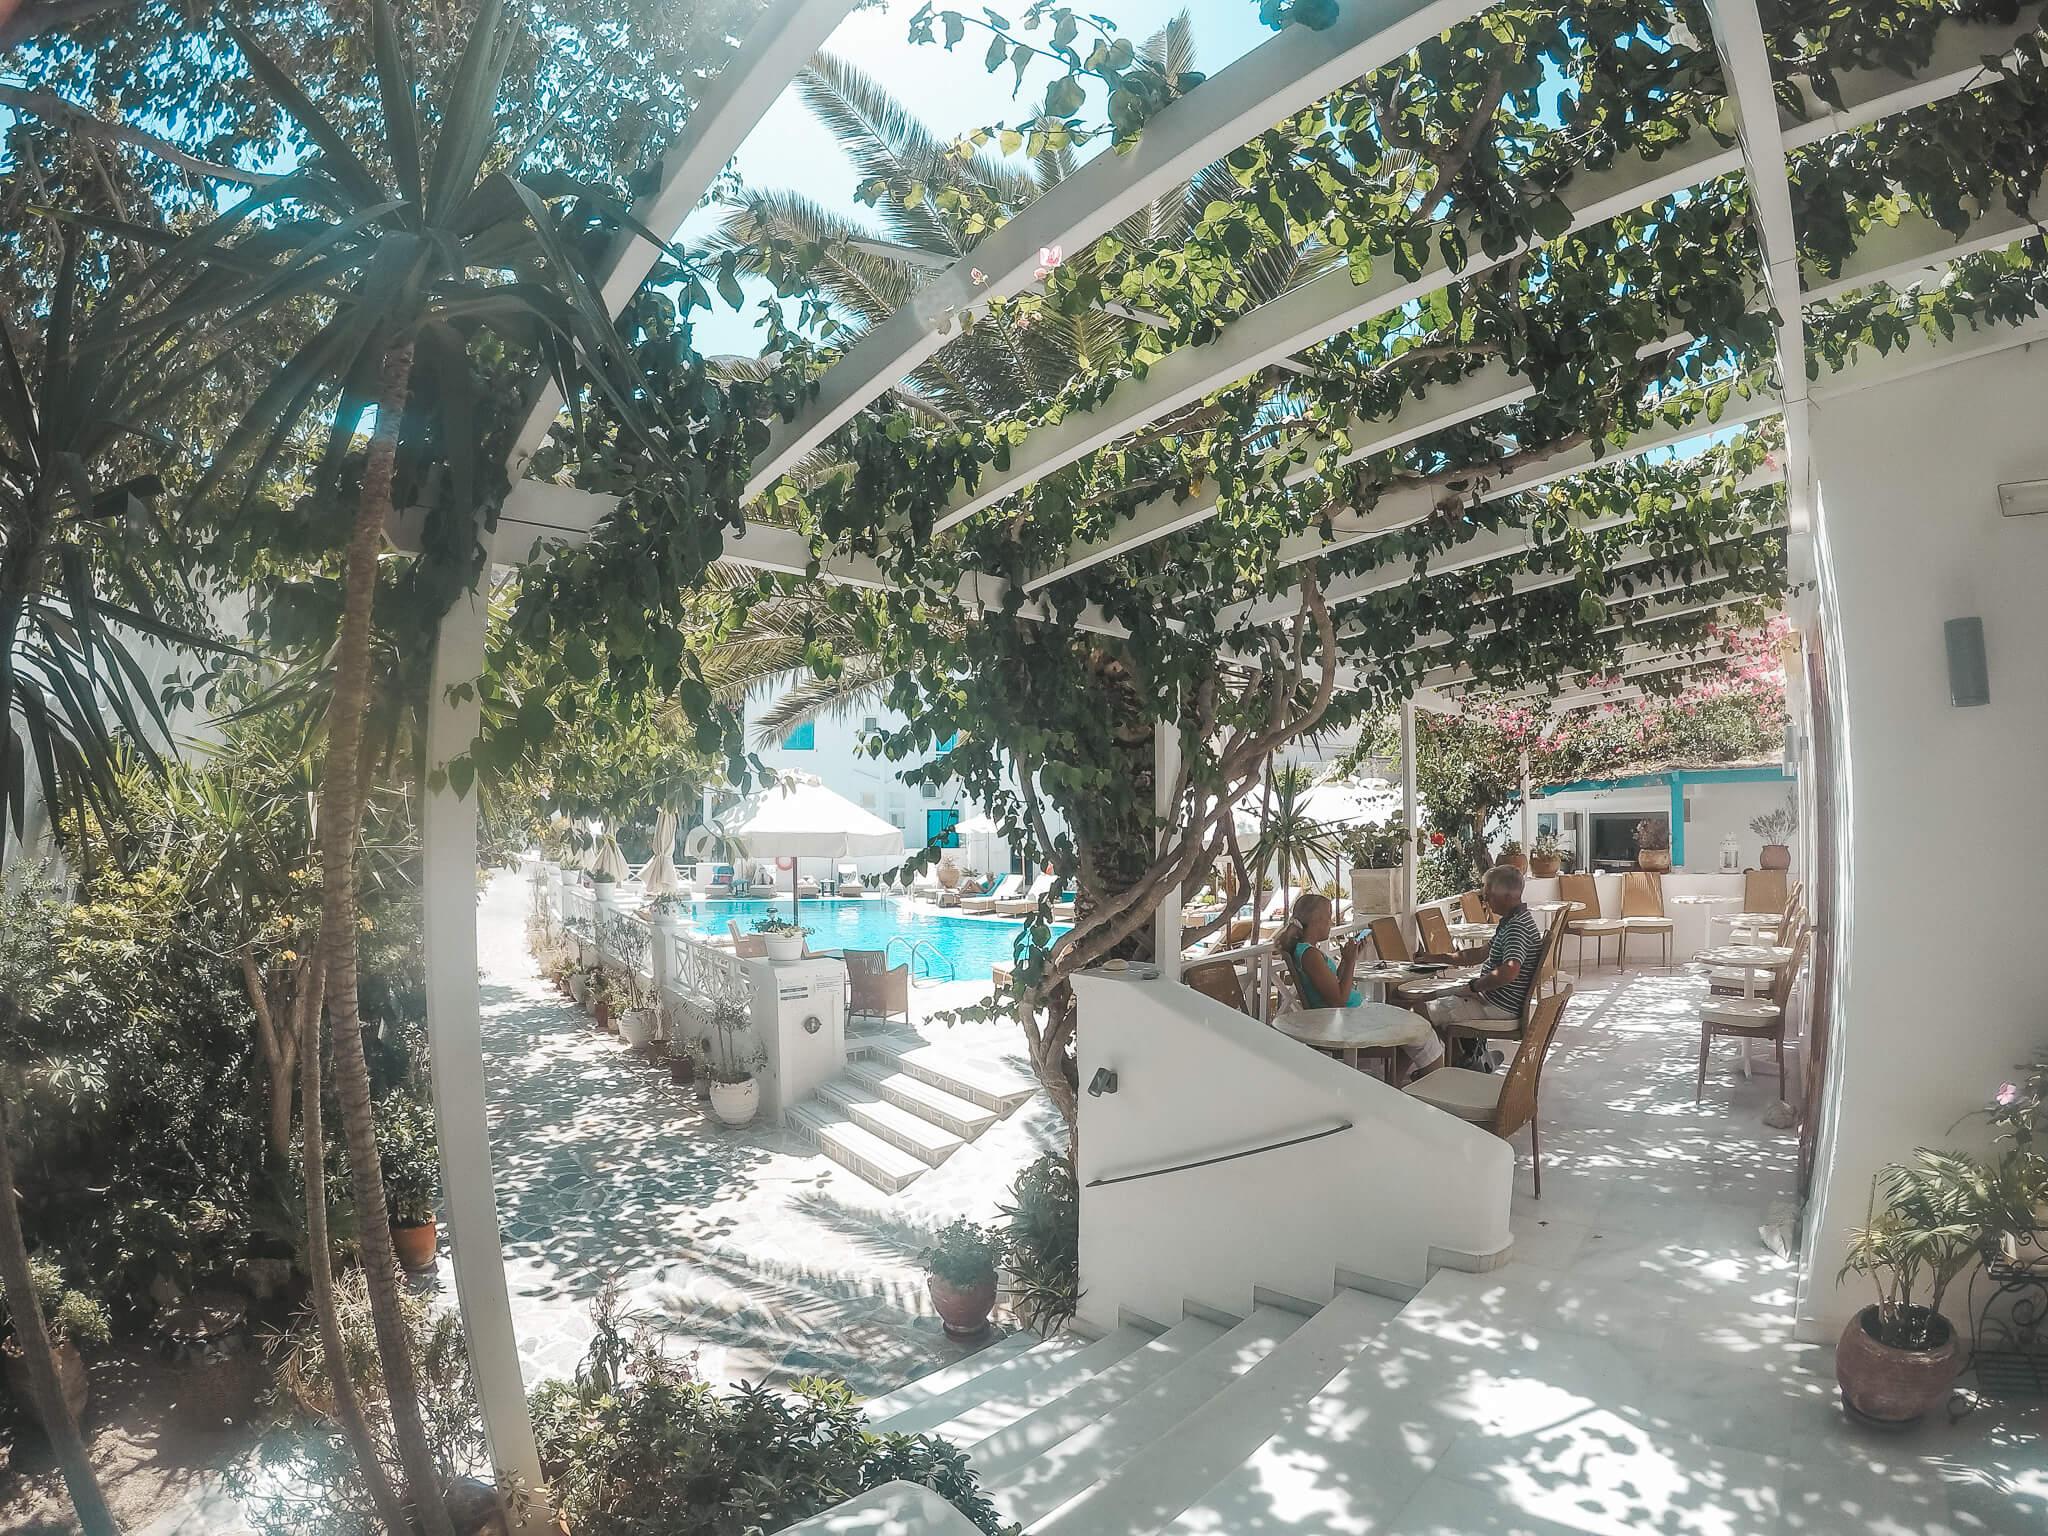 Hotel Kamari-Santorin-Reiseblog-VonPalmenundBergen